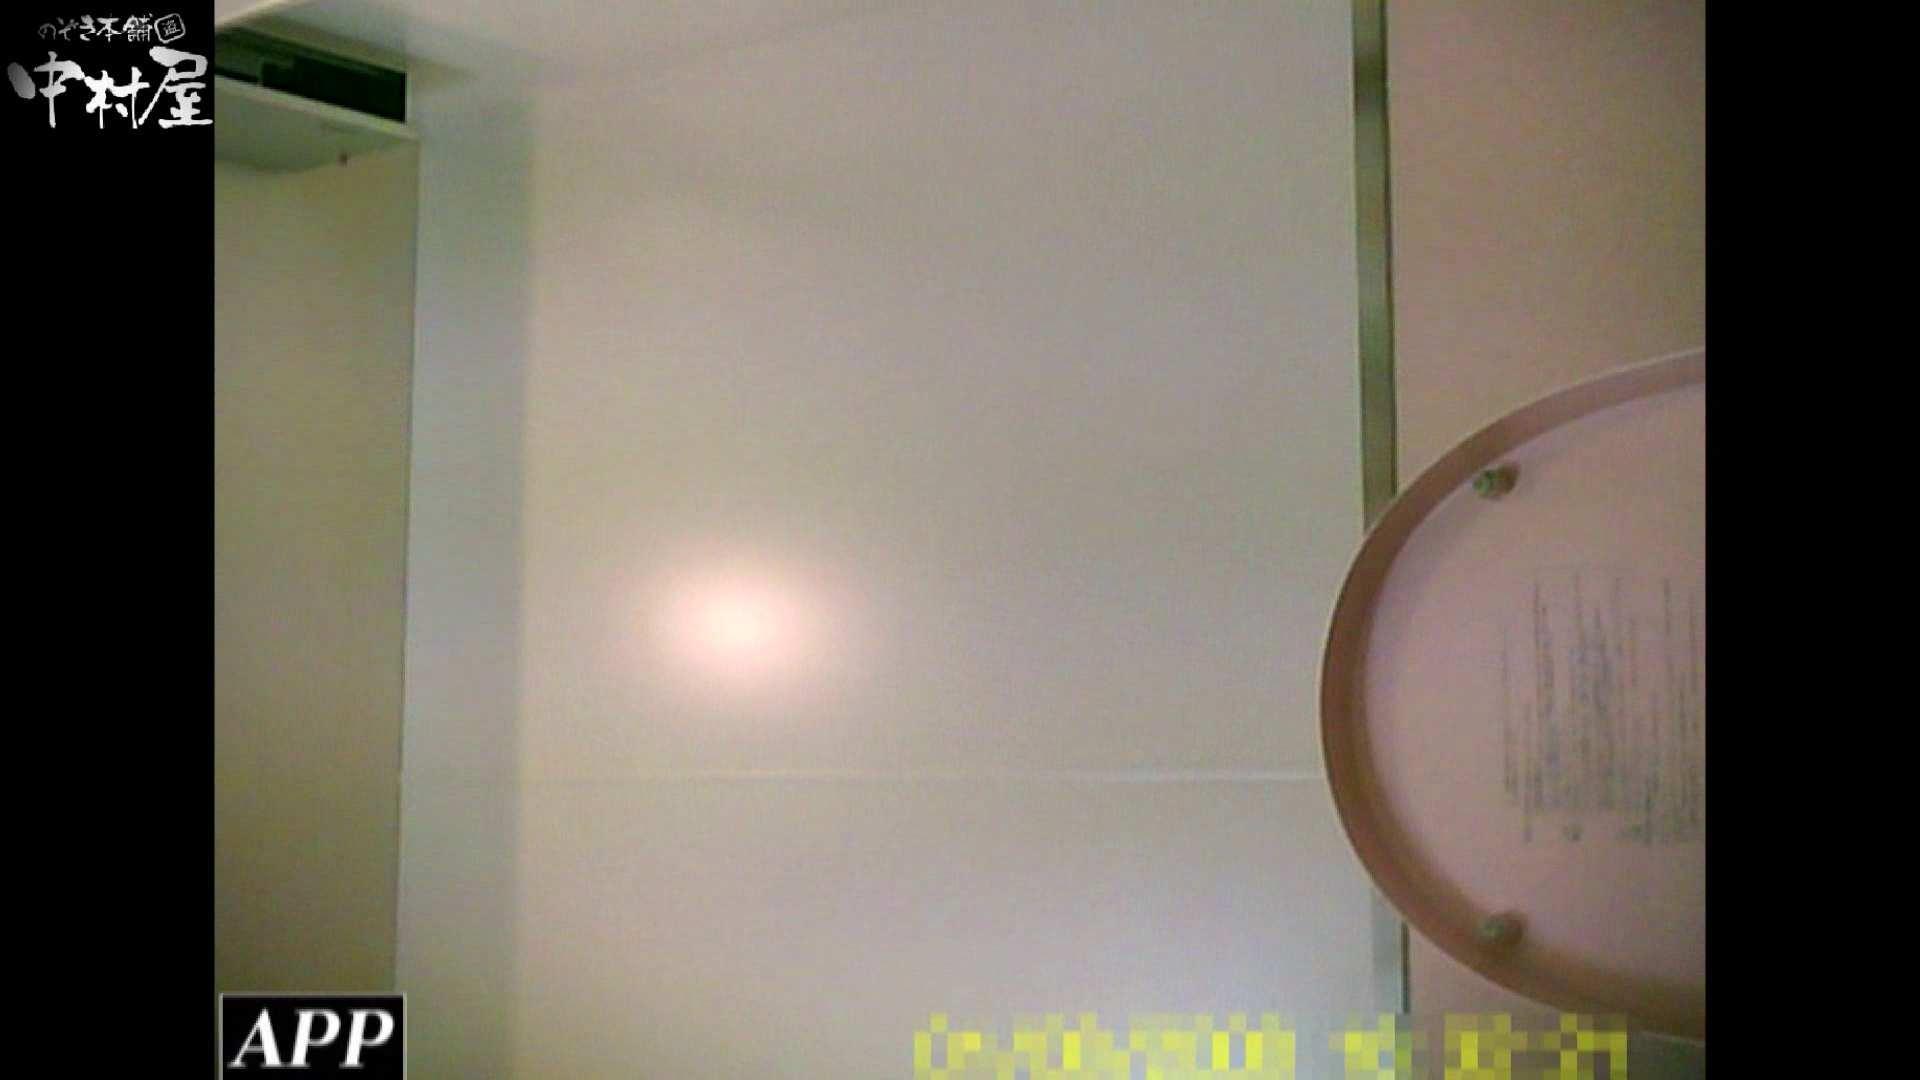 三つ目で盗撮 vol.70 モロだしオマンコ AV無料動画キャプチャ 91pic 28